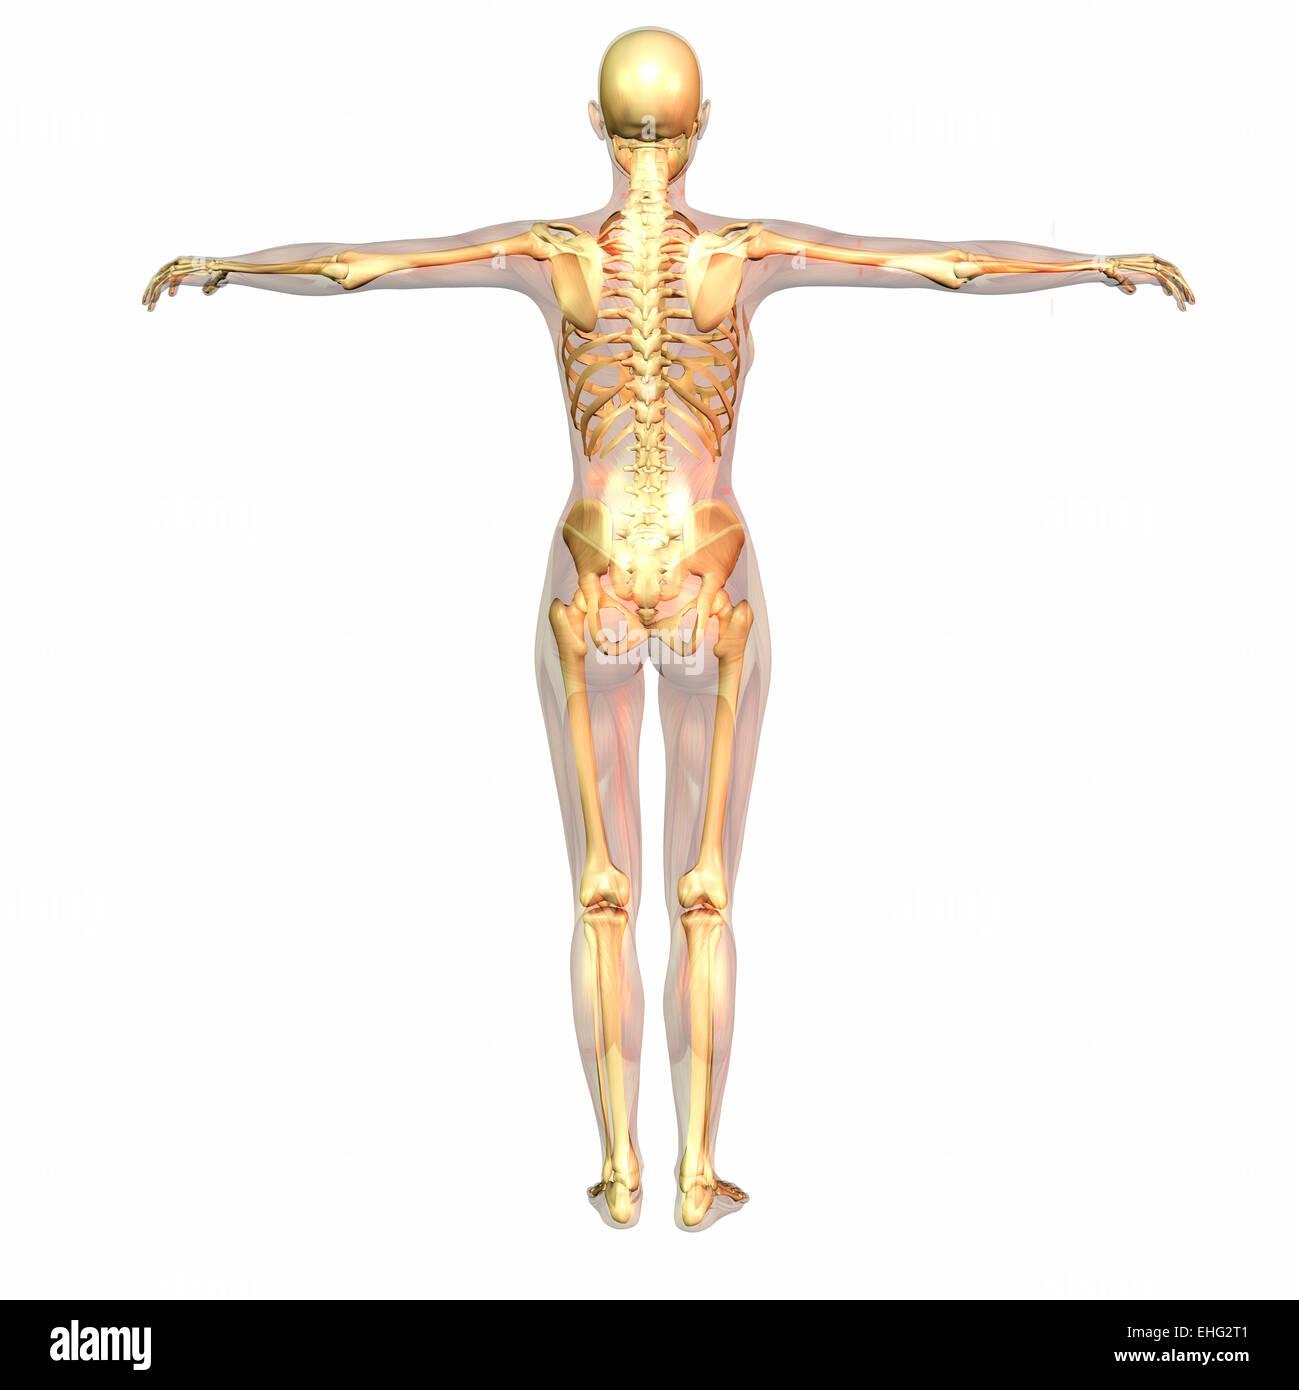 Großartig Wal Skelett Anatomie Ideen - Menschliche Anatomie Bilder ...